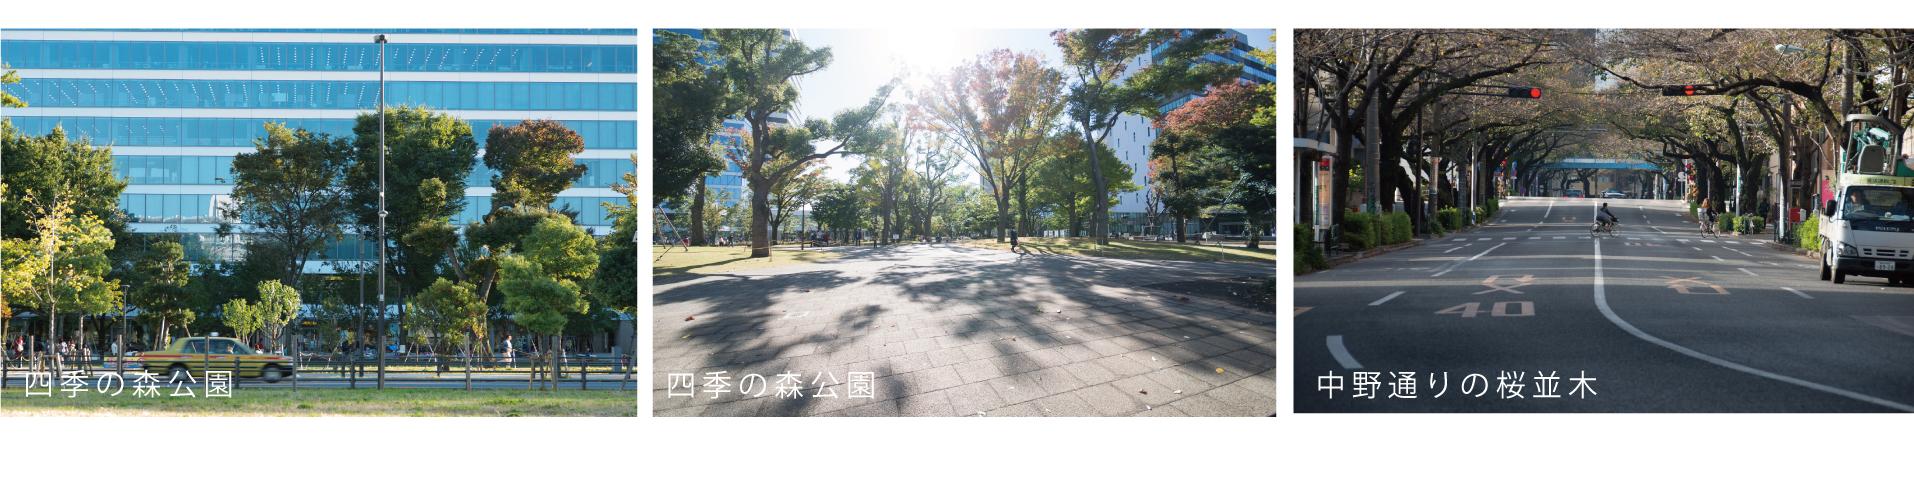 townmap_nakano_img3